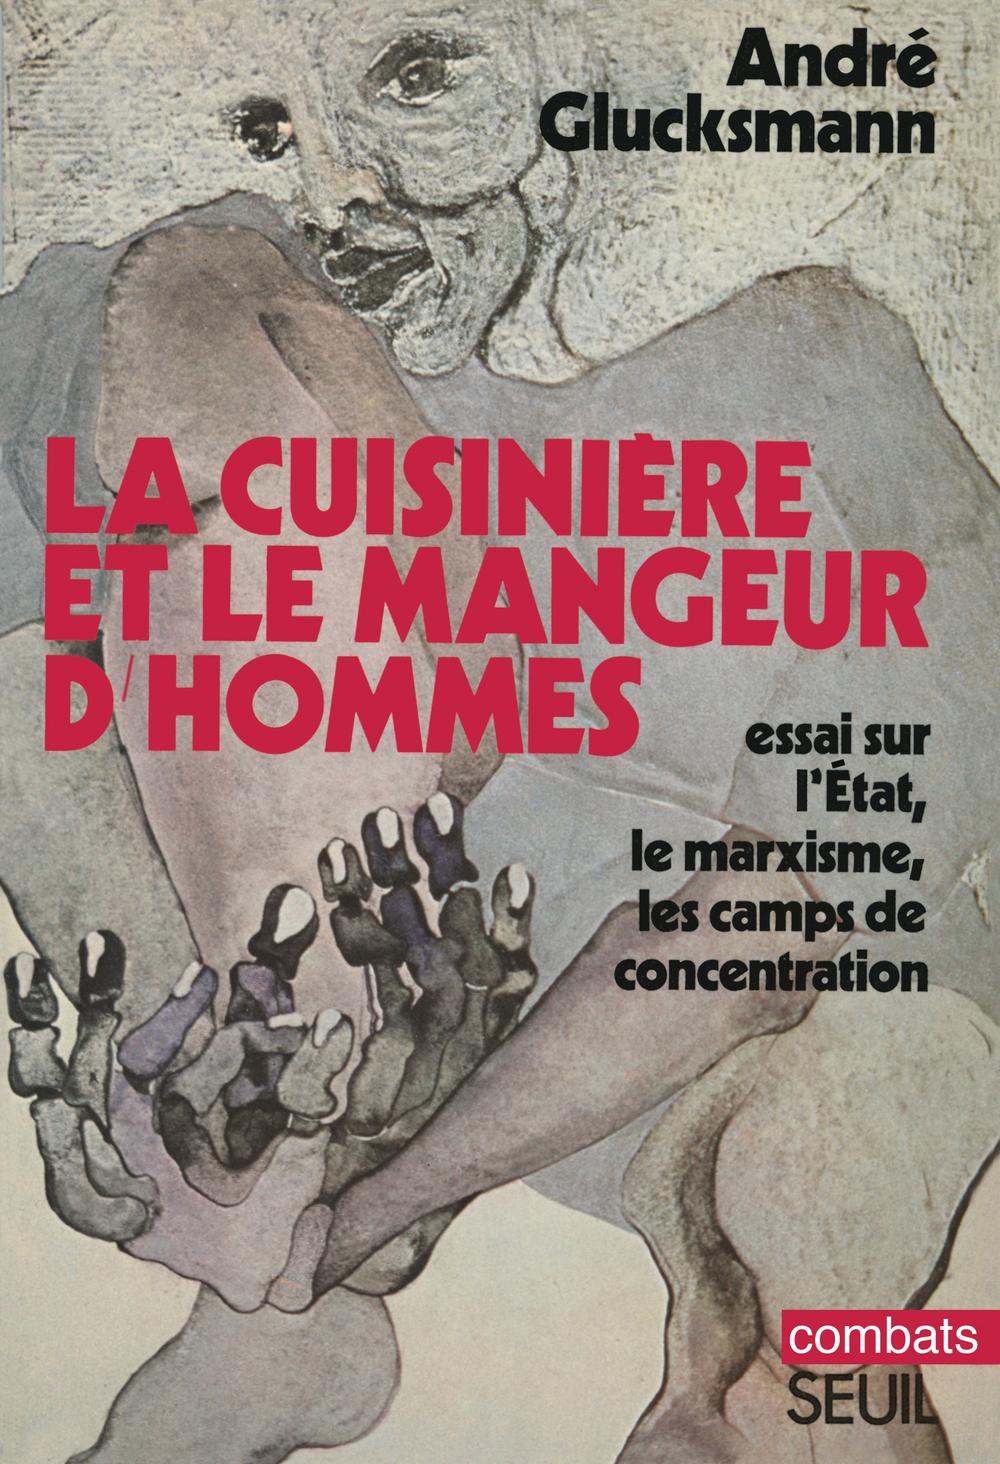 Cuisinière et le mangeur d'hommes (La). Essai sur l'Etat, le marxisme, les camps de concentration